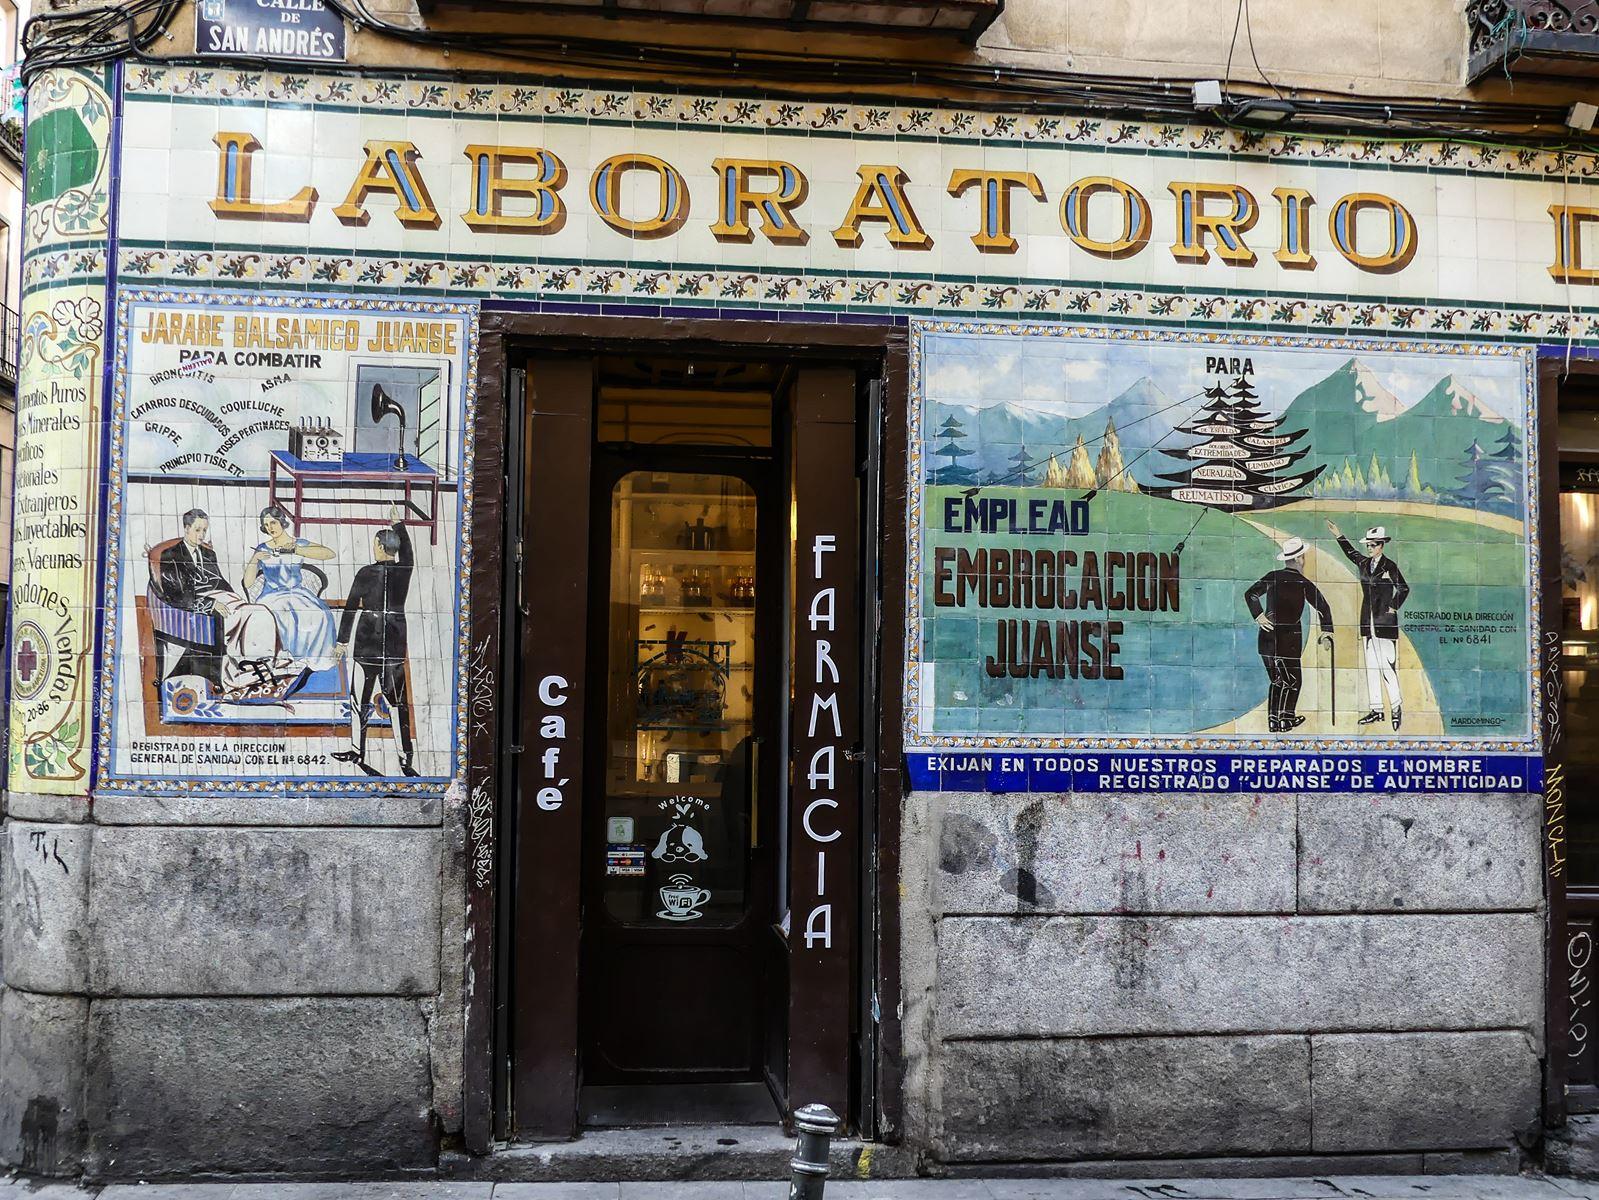 madrid-claironyva-pharmacie malasana